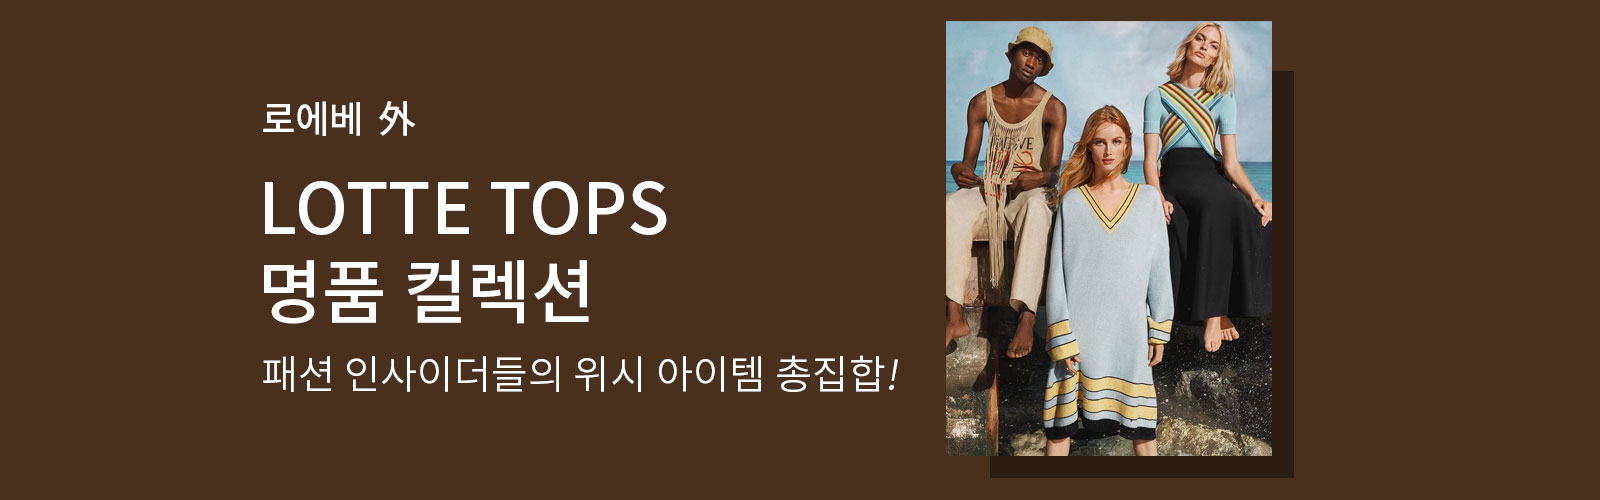 로에베 外 LOTTE TOPS 명품 컬렉션 패션 인사이더들의 위시 아이템 총집합!